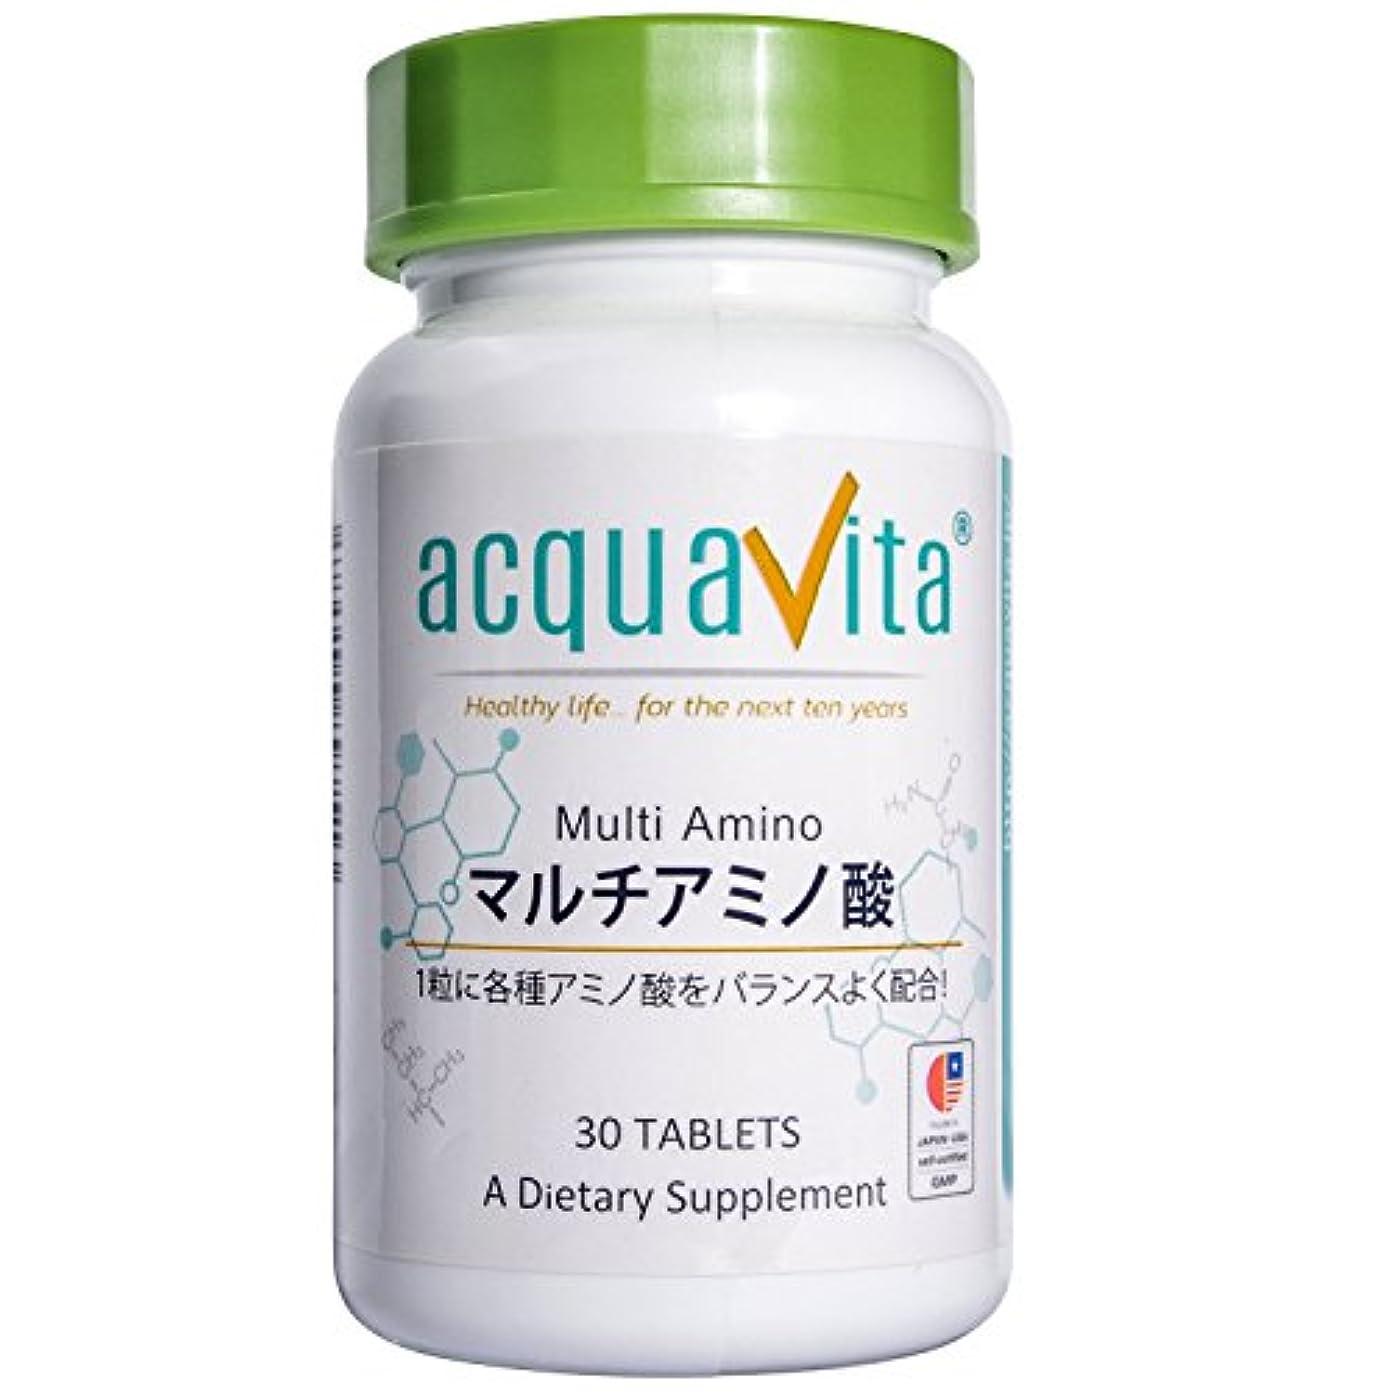 野な口述するビットacquavita(アクアヴィータ) マルチアミノ酸 30粒